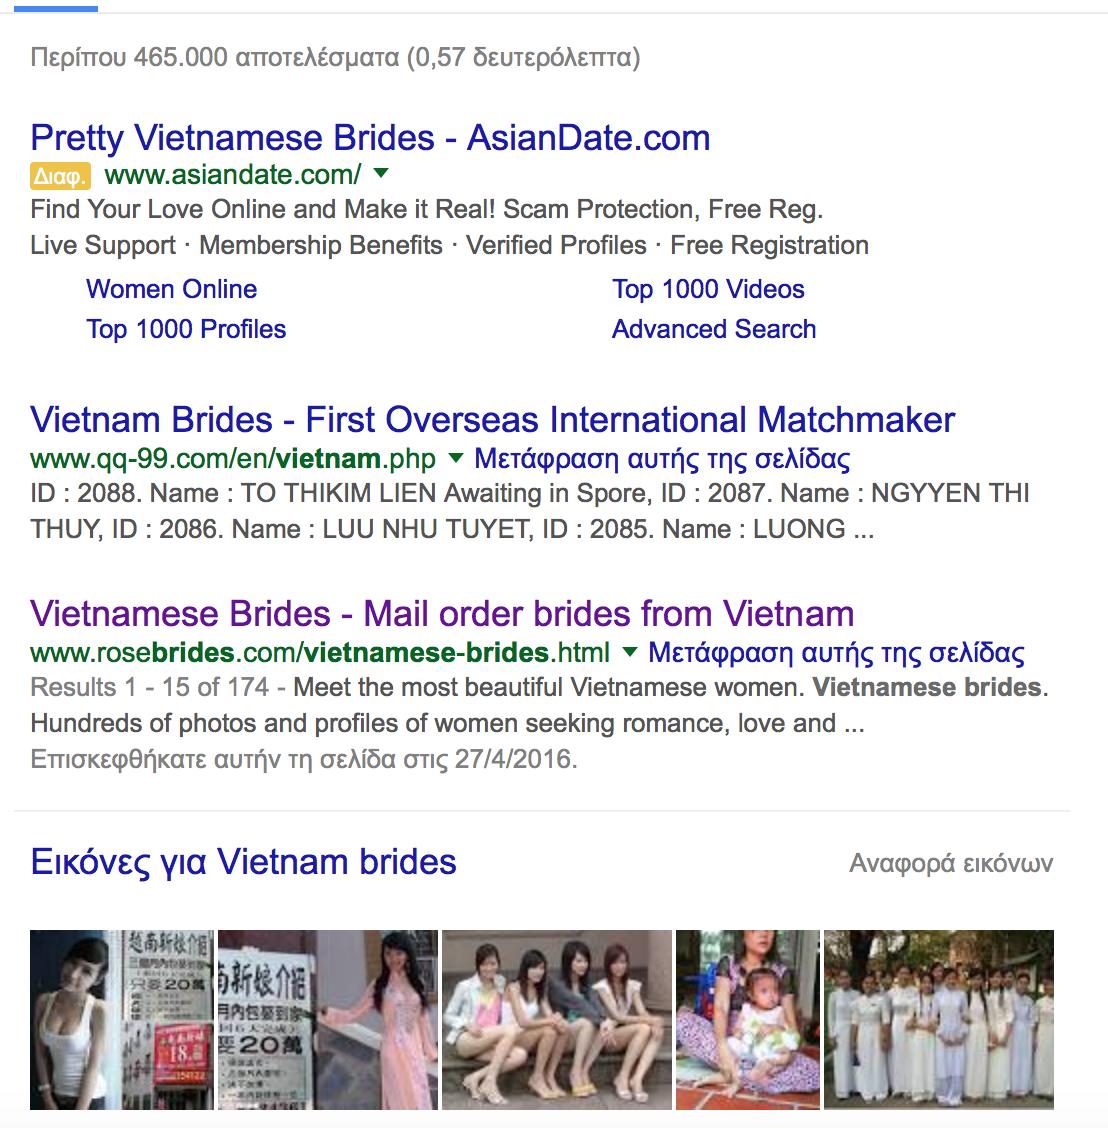 παραλαβή online προφίλ γνωριμιών απόλυτο σχετικό φύλλο χρονολογίων γνωριμιών